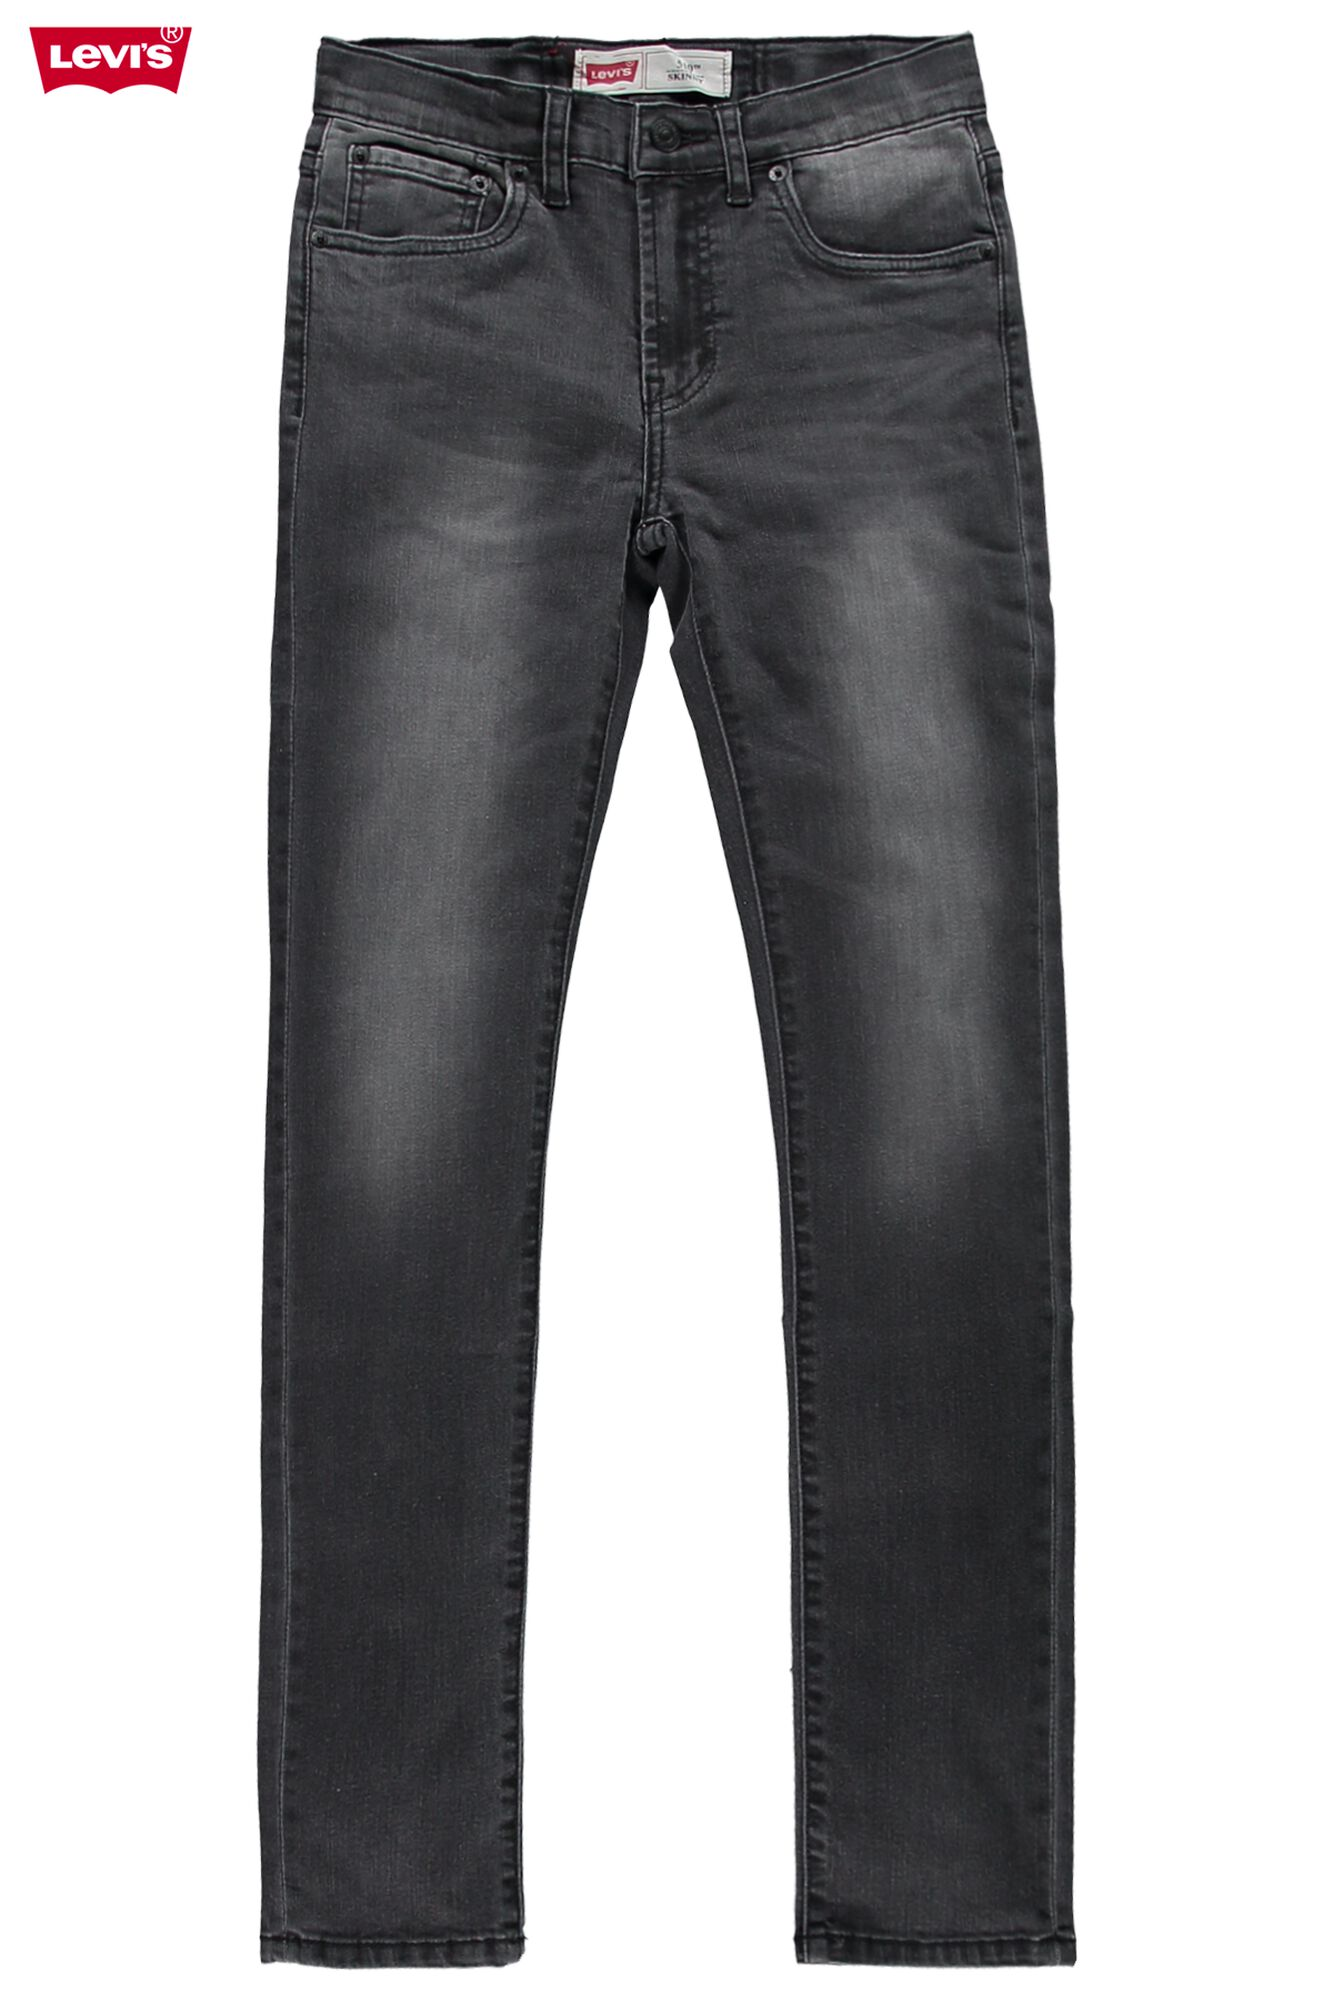 online store 4b92e 71671 Boys Jeans Levi's 510 Classic Black Buy Online